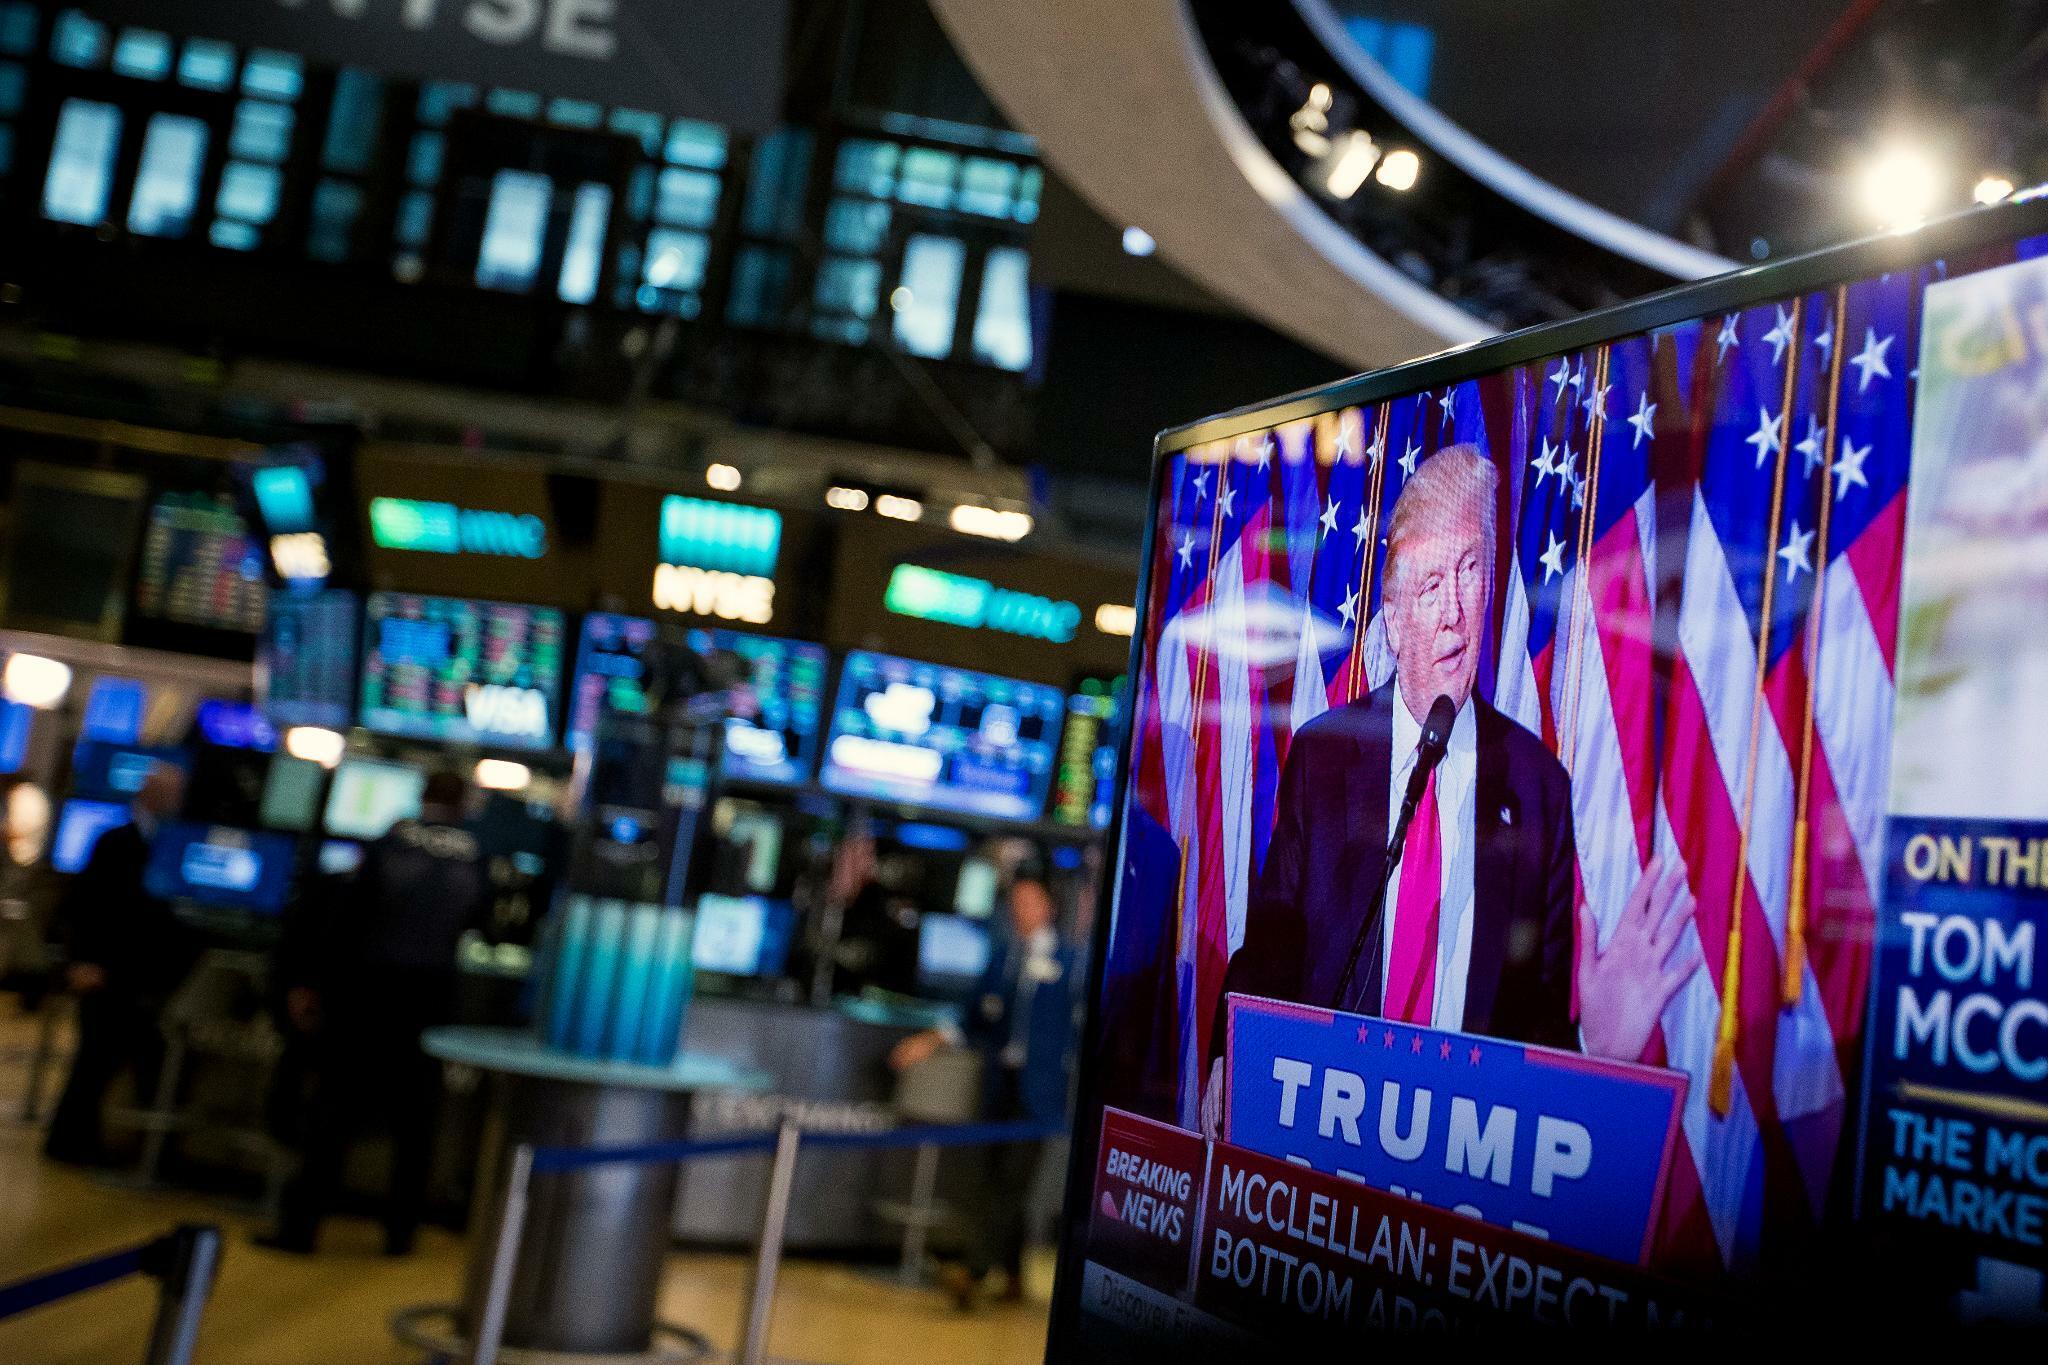 Diese Börsen-Strategie steckt hinter den Trump-Tweets